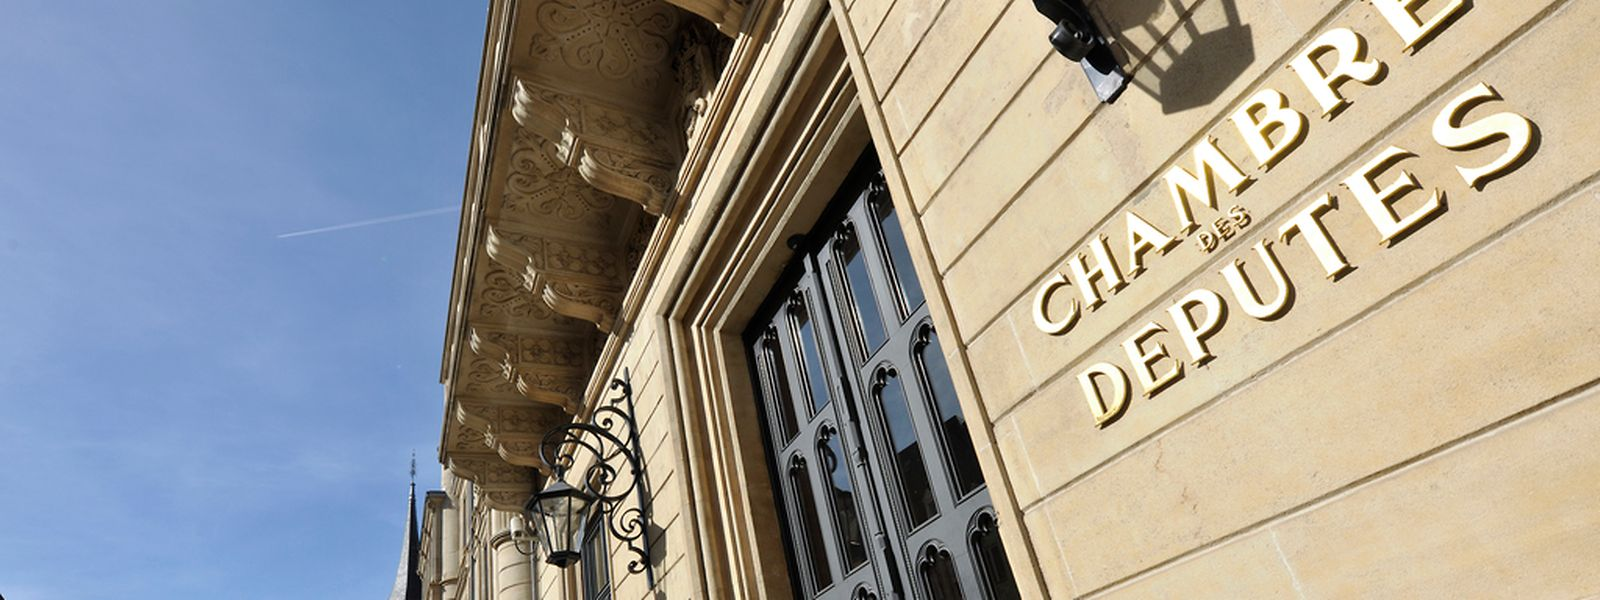 Im Parlament dürfte am Donnerstagmittag auch die Rede sein über den Führungsstil der Ombudsfrau Lydie Err.